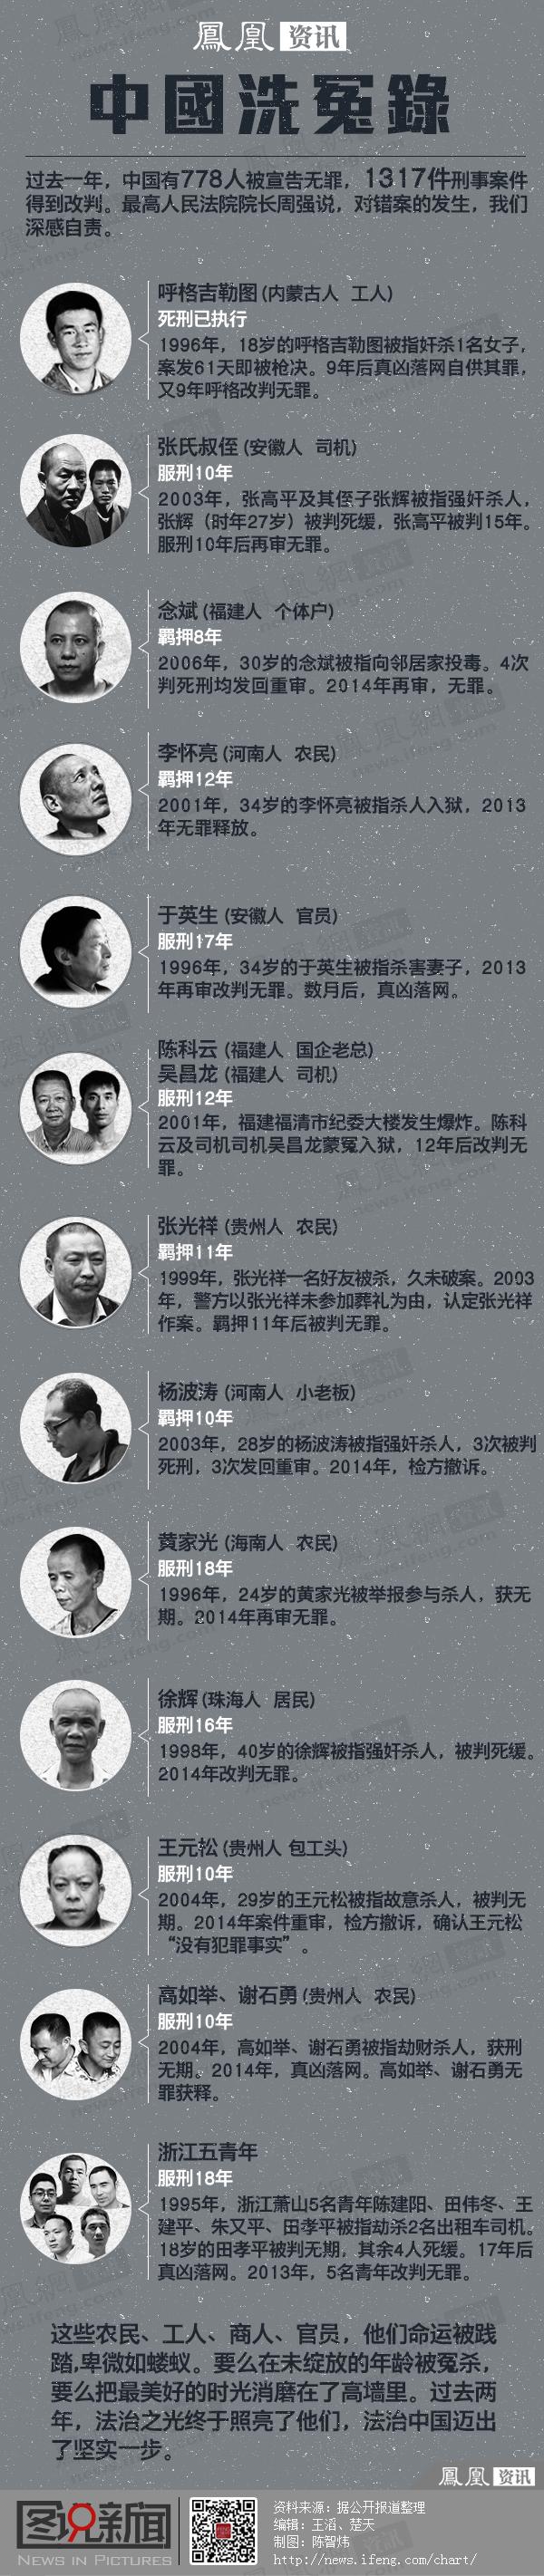 中国洗冤录